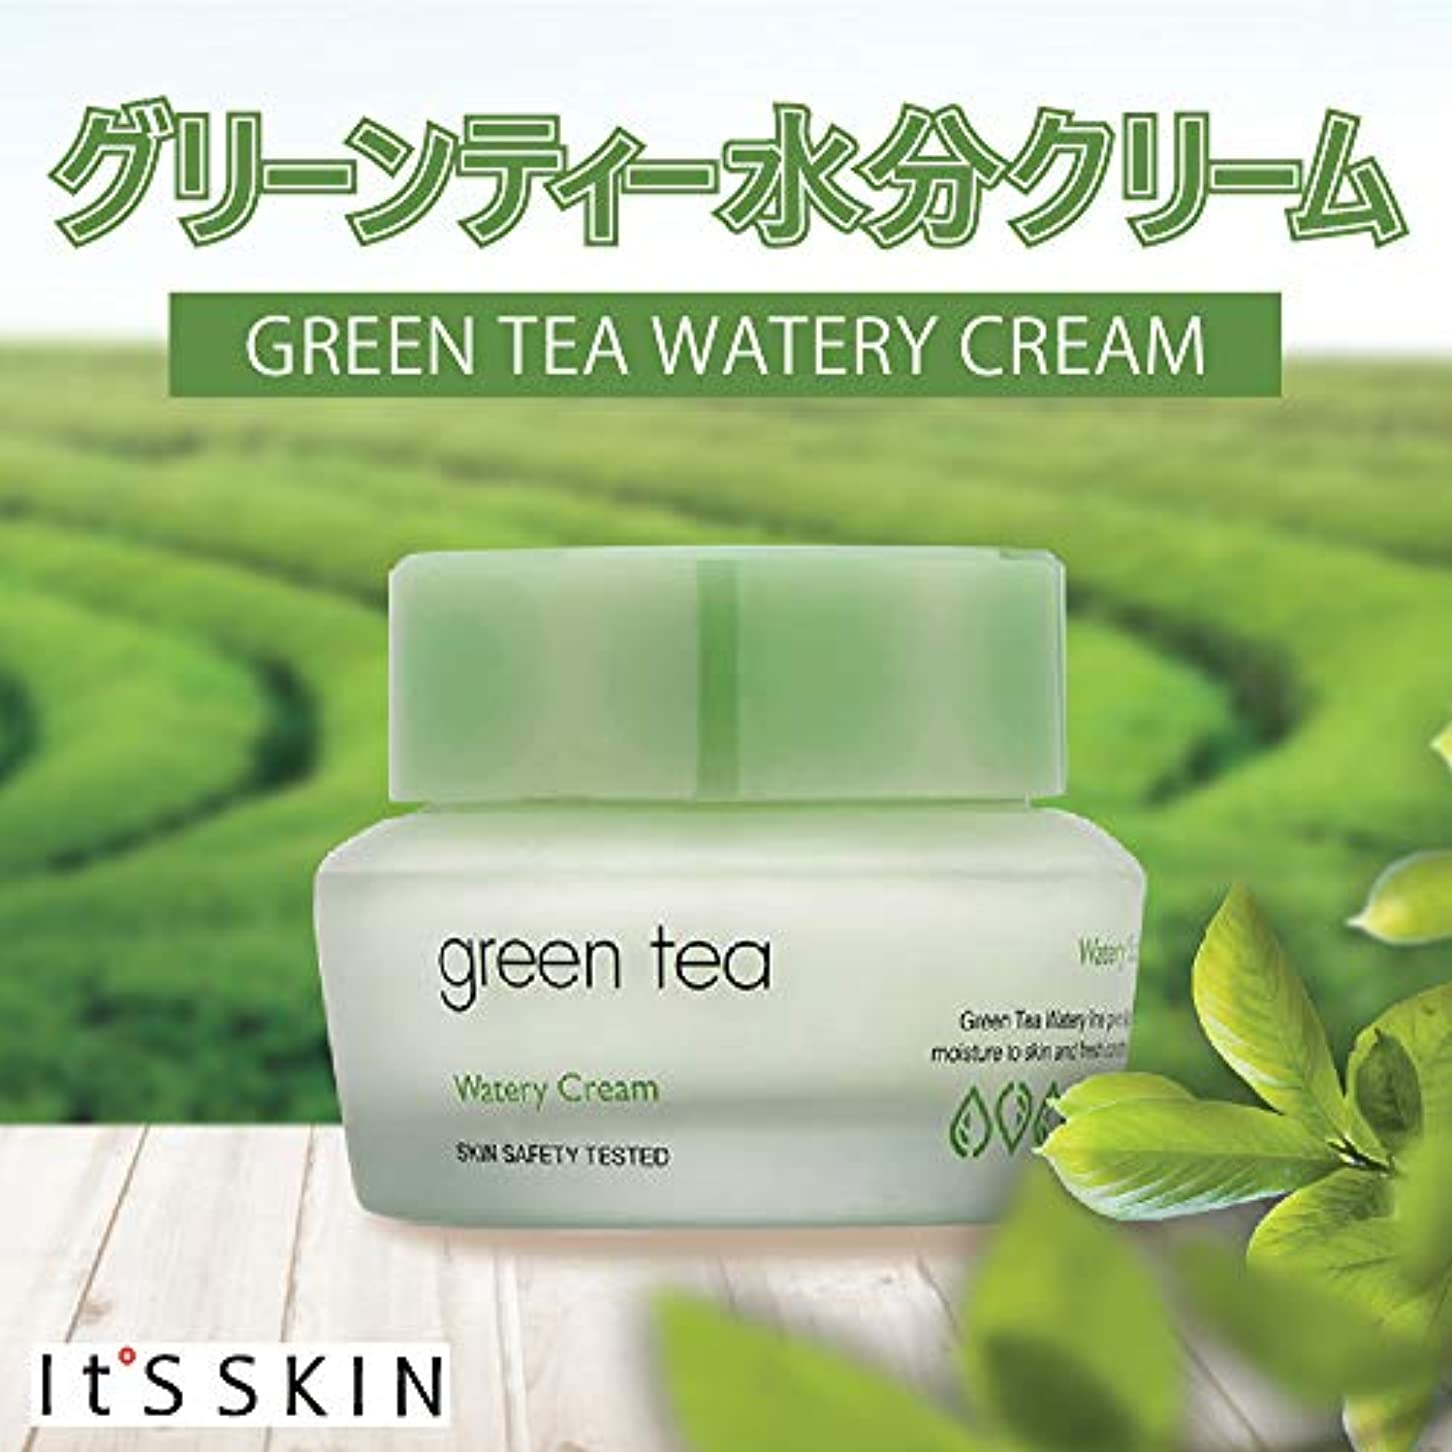 摘む手荷物安価なIt's SKIN イッツスキン グリーン ティー ウォーターリー クリーム Green Tea Watery Cream 50g 【 水分 クリーム しっとり 保湿 キメ 韓国コスメ 】